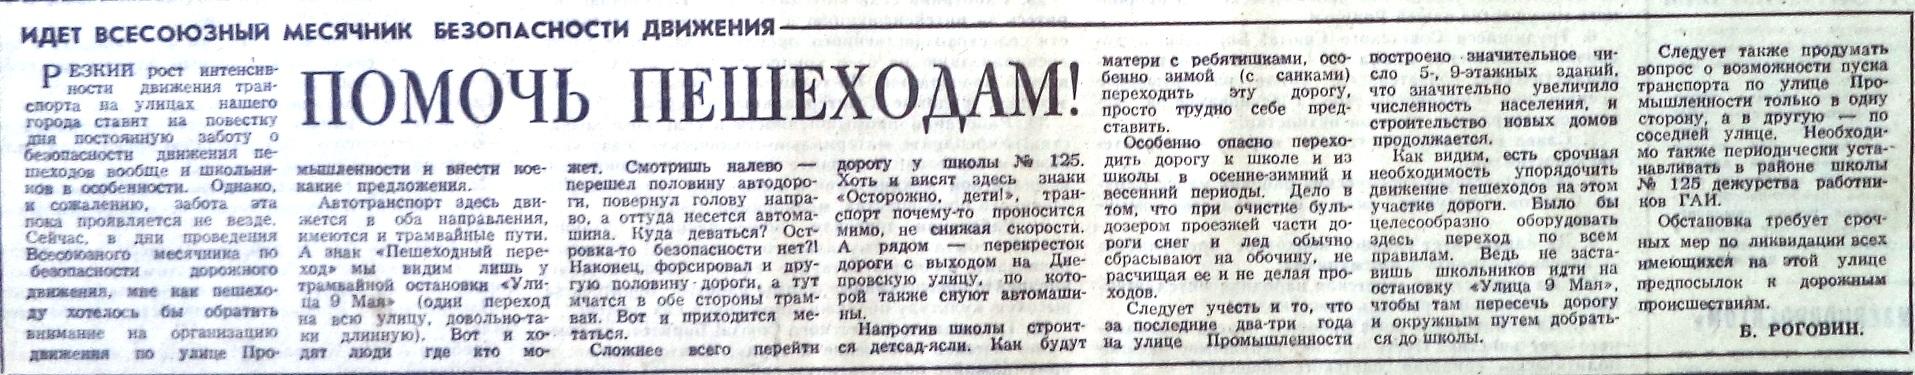 Промышленности-ФОТО-73-ВЗя-1974-12-04-пробл. ул. Промышл.